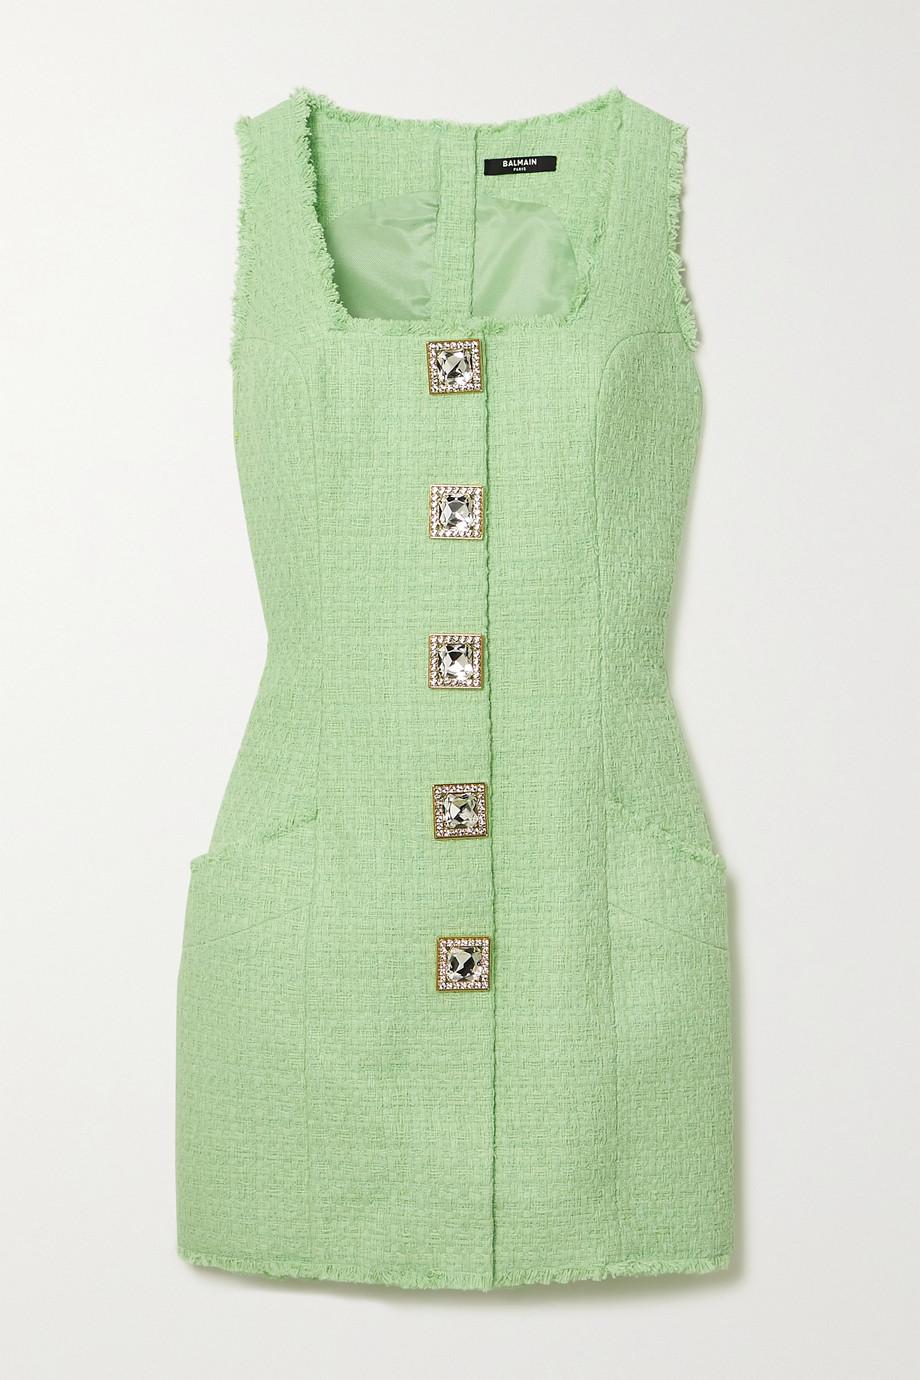 Balmain Minikleid aus Tweed aus einer Baumwollmischung mit Kristallen